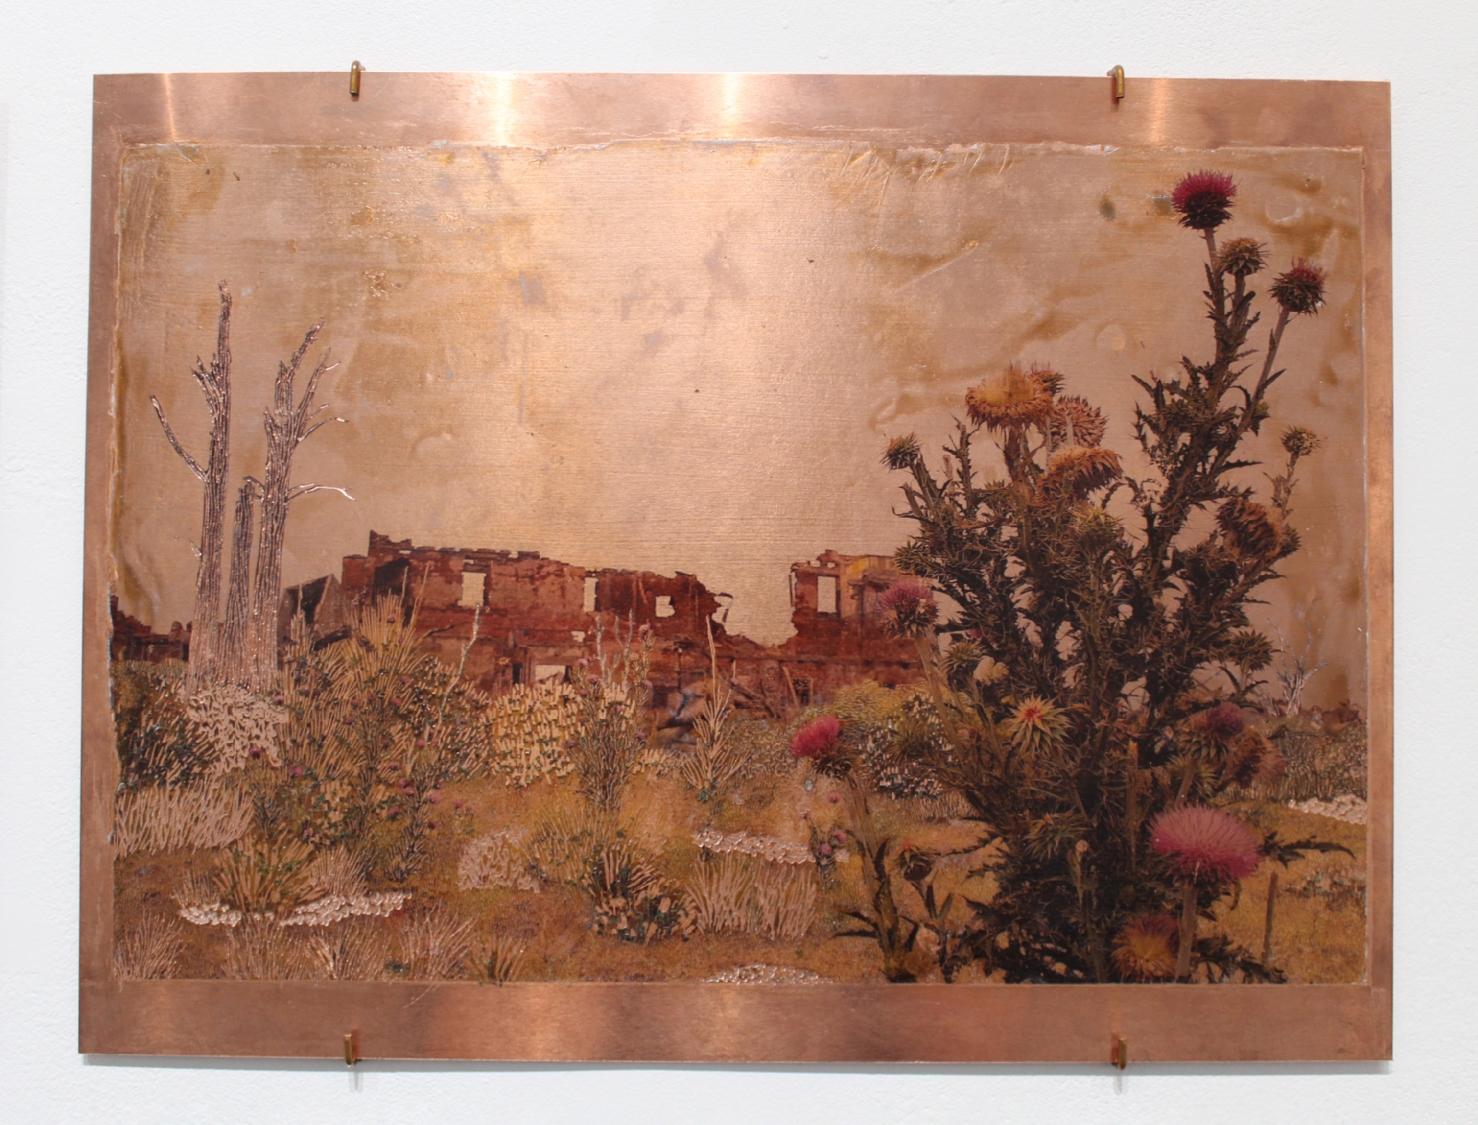 Raphaëlle Peria, Les larmes de Tripantu, transfert photographique sur cuivre gravé, 30 x 40 cm, 2021